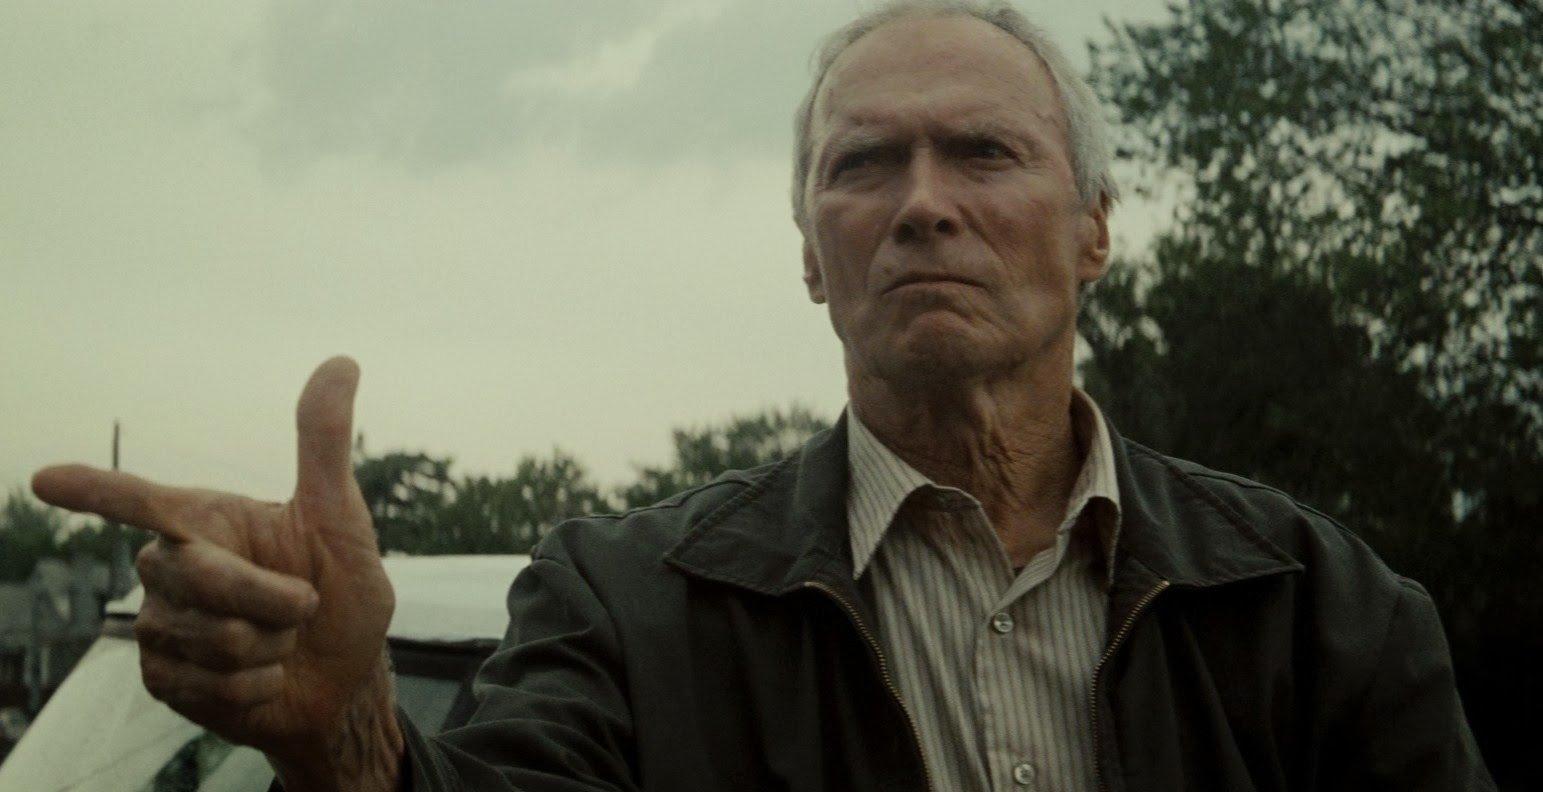 клинт иствуд биография икона маскулинности axe отвратительные мужики disgusting men